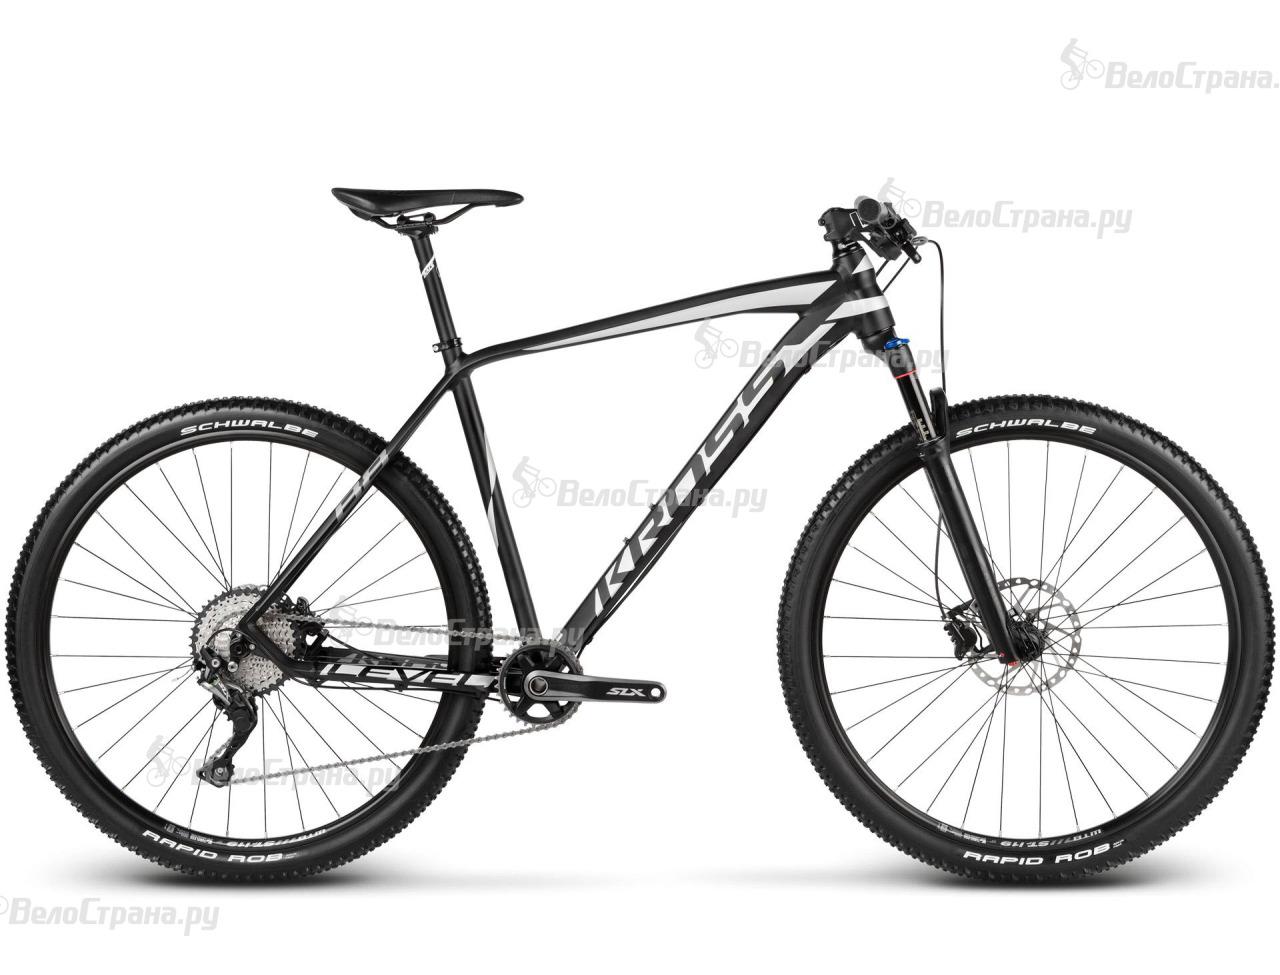 Велосипед Kross Level B8 (2017) велосипед kross level b8 2015